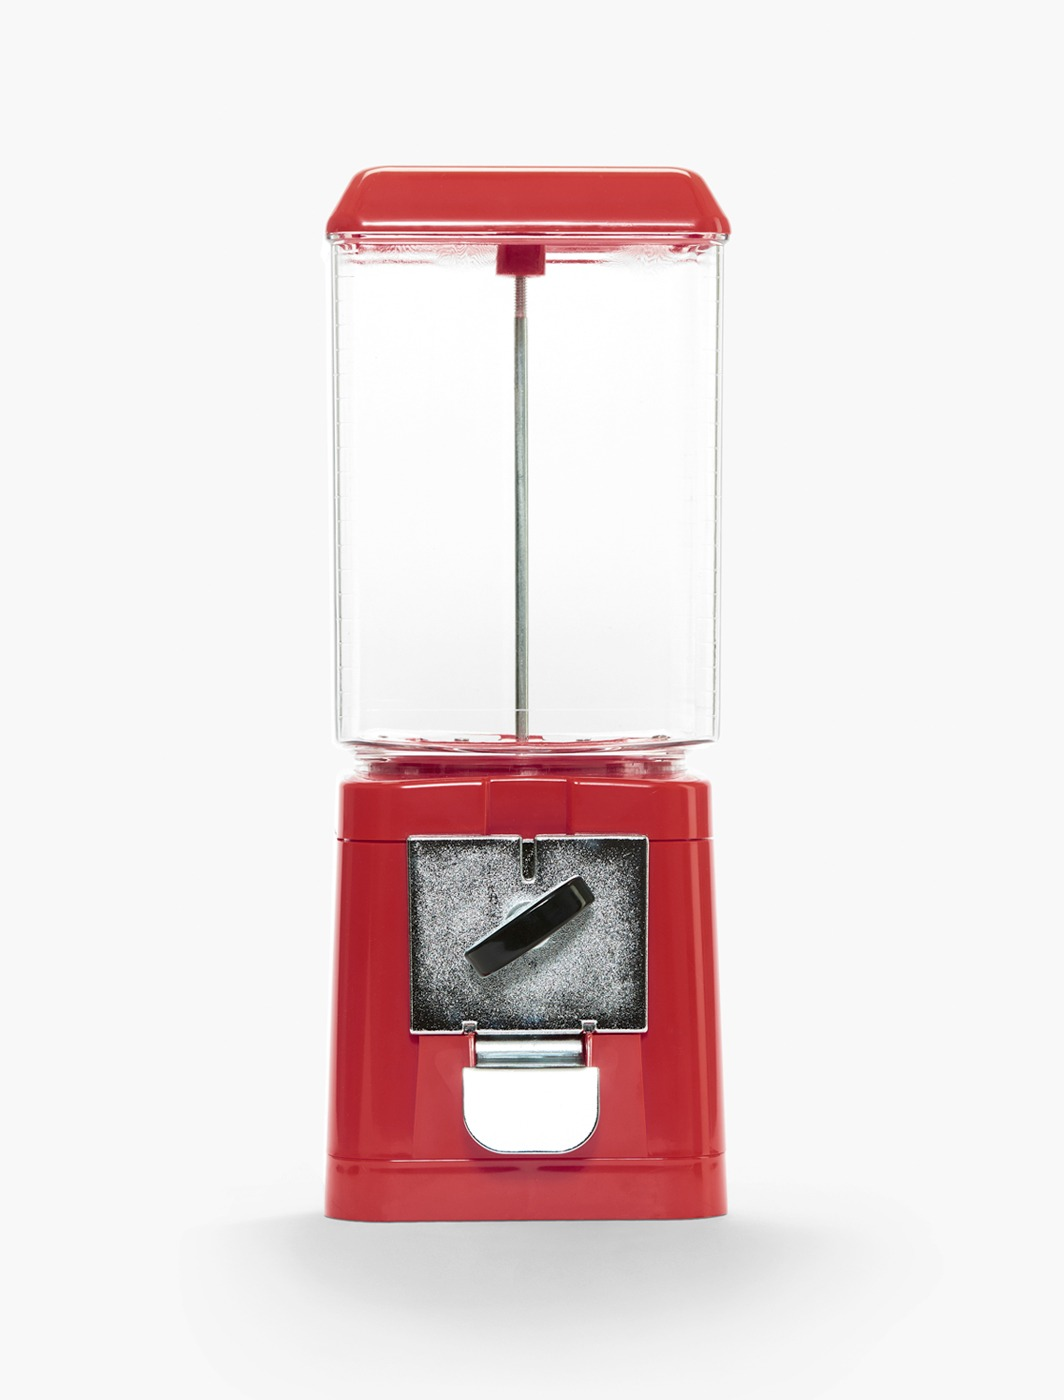 Klassischer Warenspender für den Käues Kaugummi-Automaten